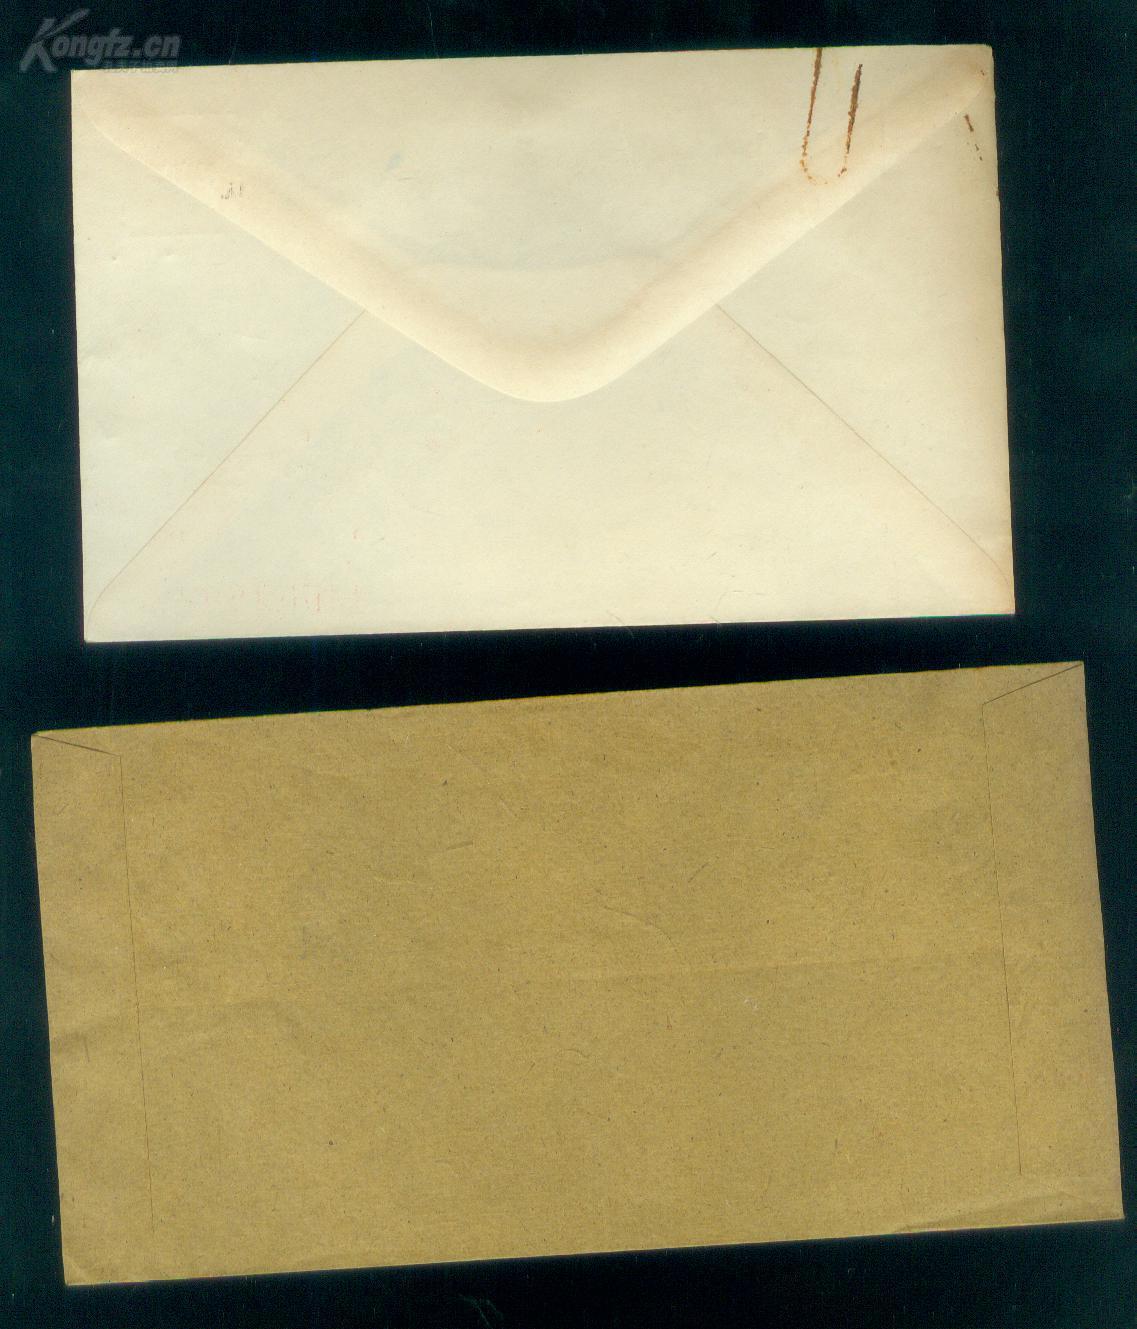 【图】中山大学 中英文邮编地址封等两枚合拍